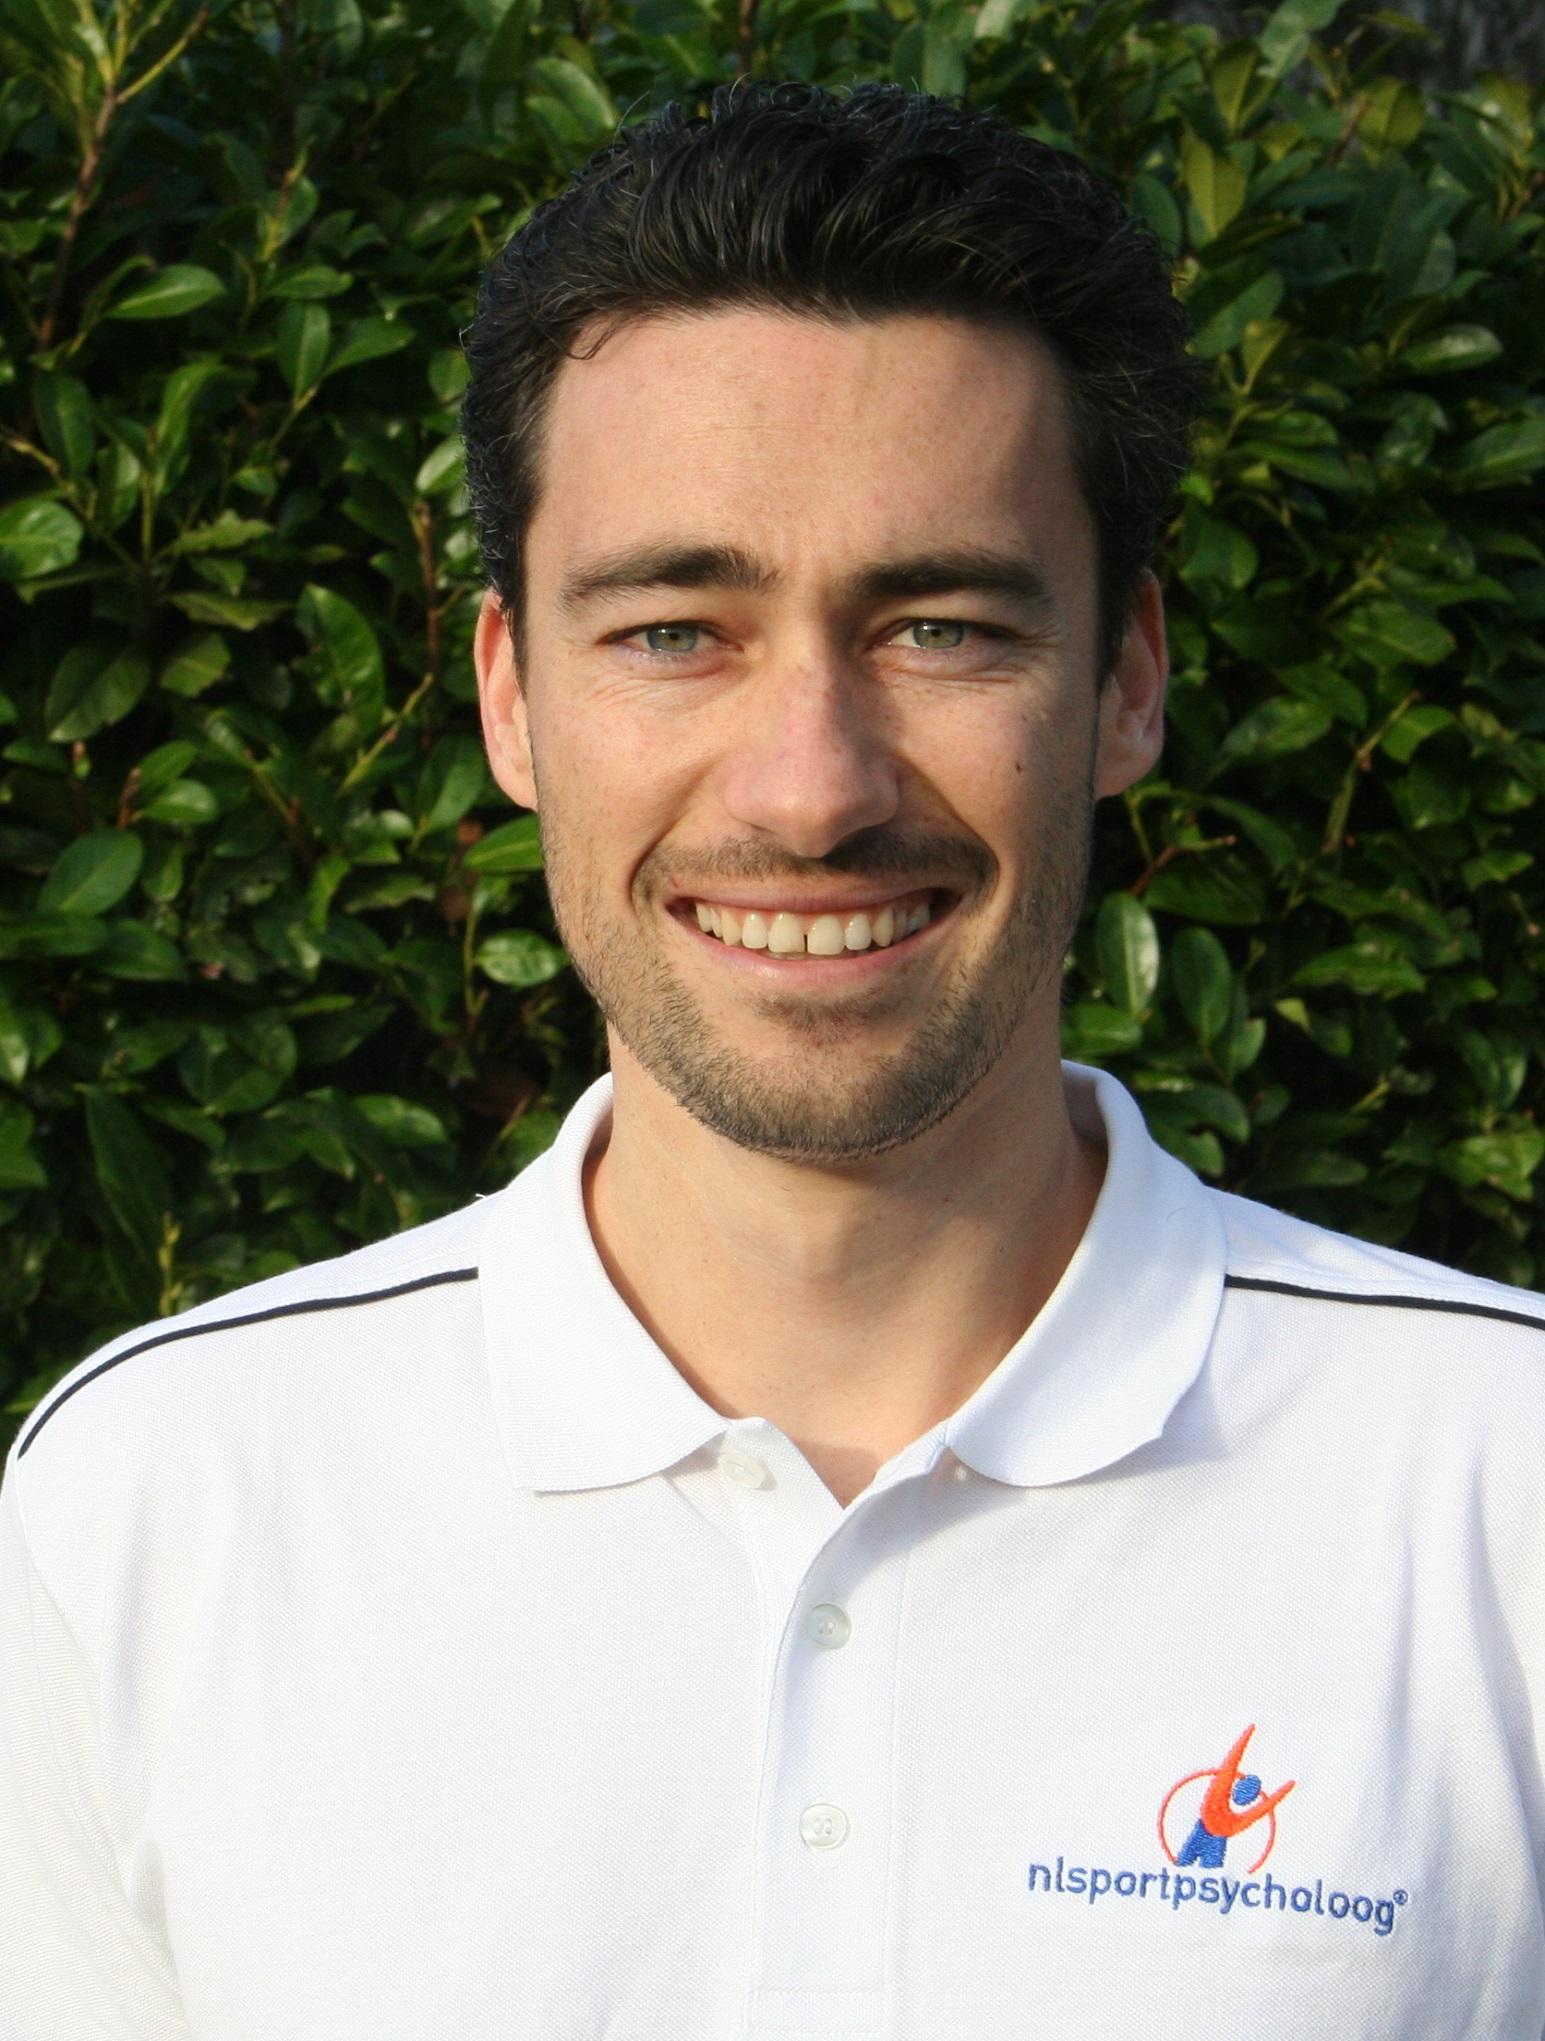 NL sportpsycholoog Yannick Balk - Utrecht